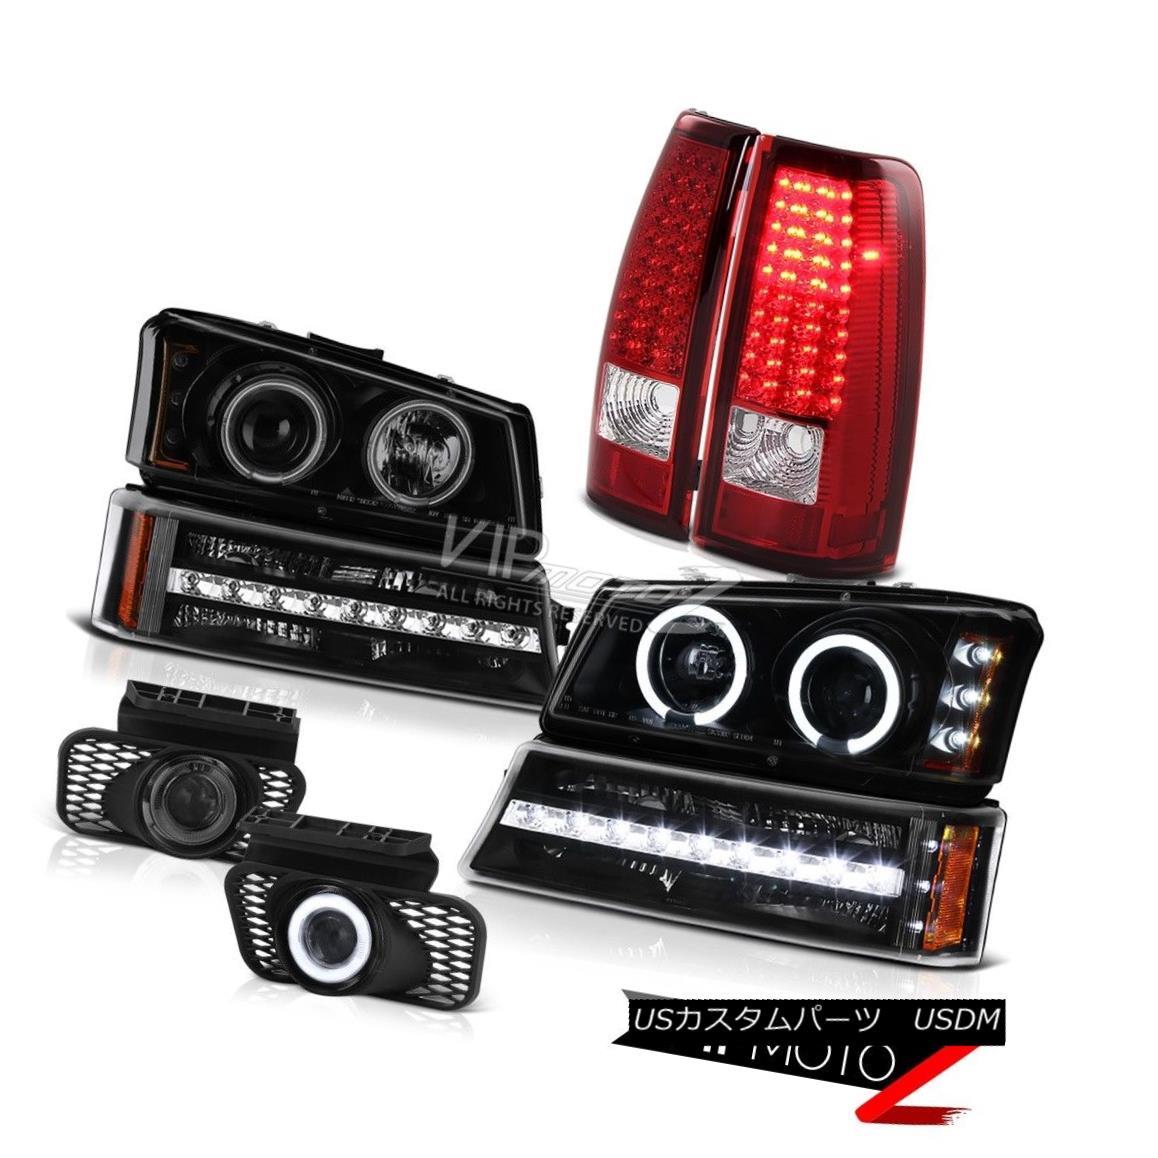 ヘッドライト 03 04 05 06 Silverado Titanium smoke fog lamps red tail parking light Headlamps 03 04 05 06 Silveradoチタン煙霧灯赤い尾のパーキングライトヘッドランプ